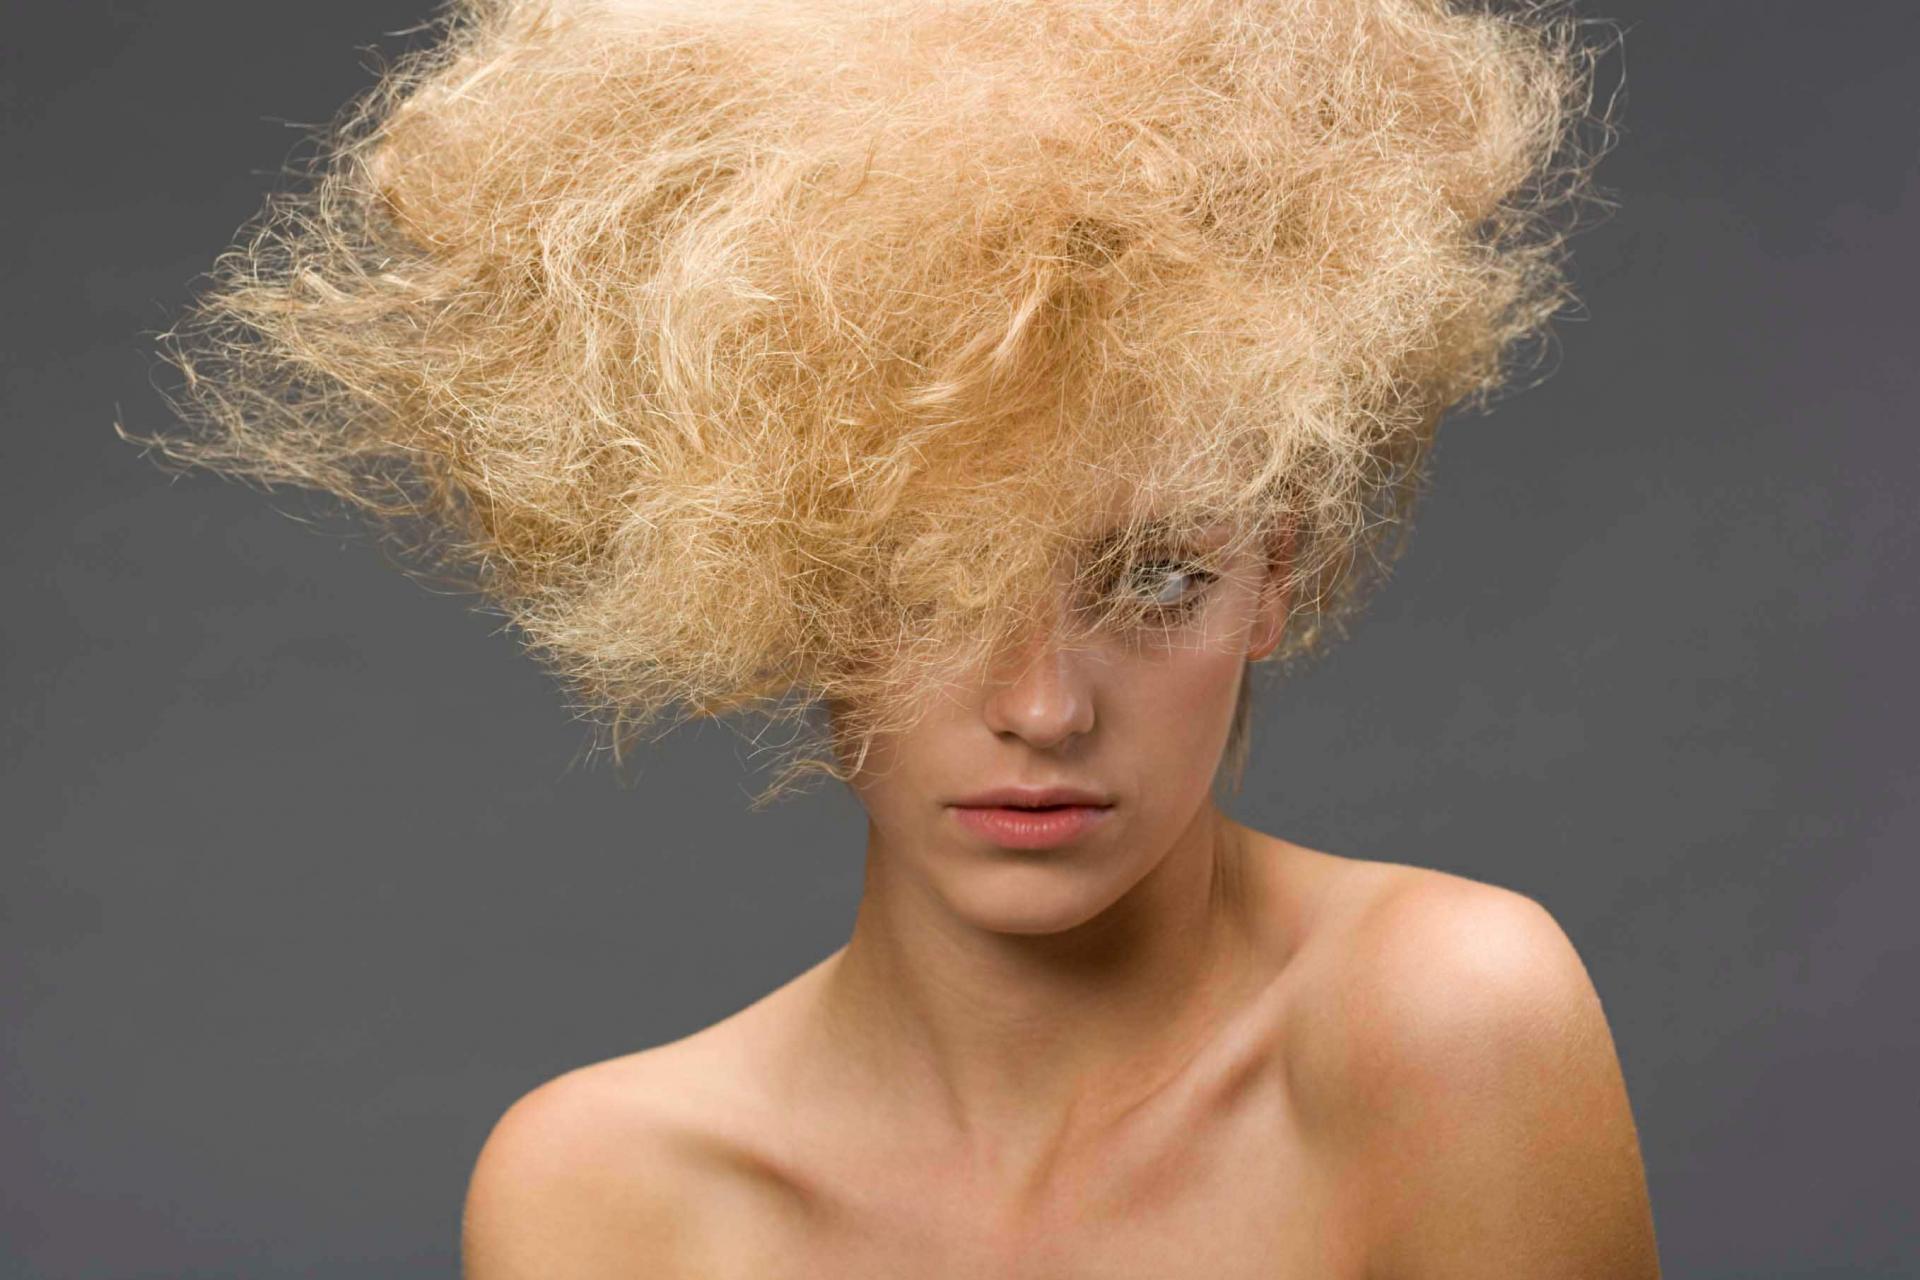 картинка сухого волоса чувствительность активным